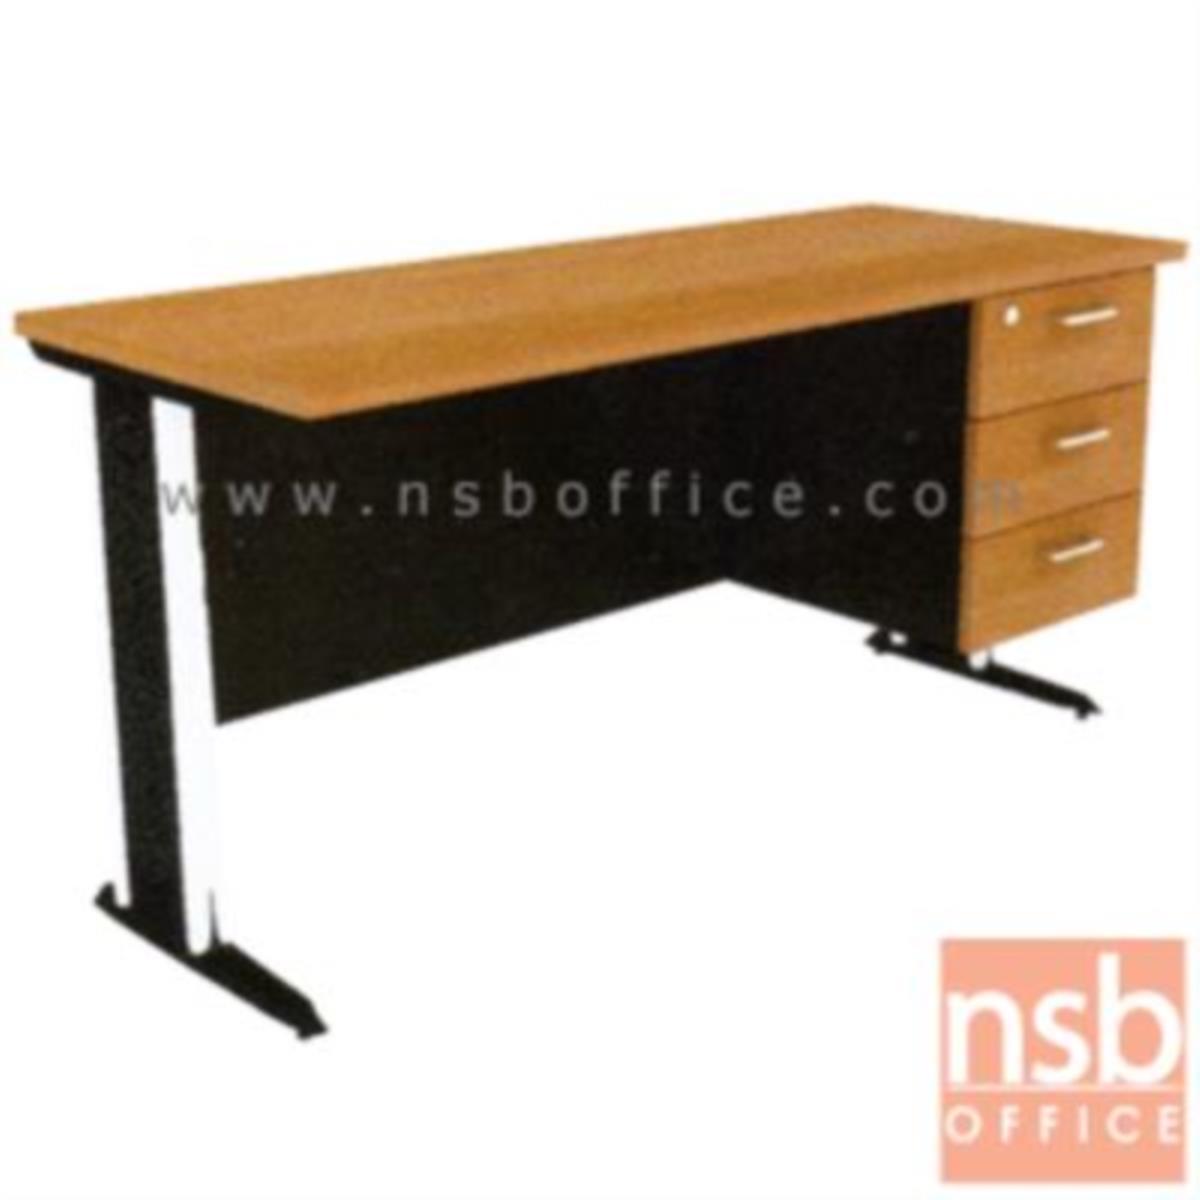 A10A047:โต๊ะทำงาน 3 ลิ้นชัก  120W ,135W ,150W ,180W (75D, 80D) cm.  ขาเหล็กตัวแอล